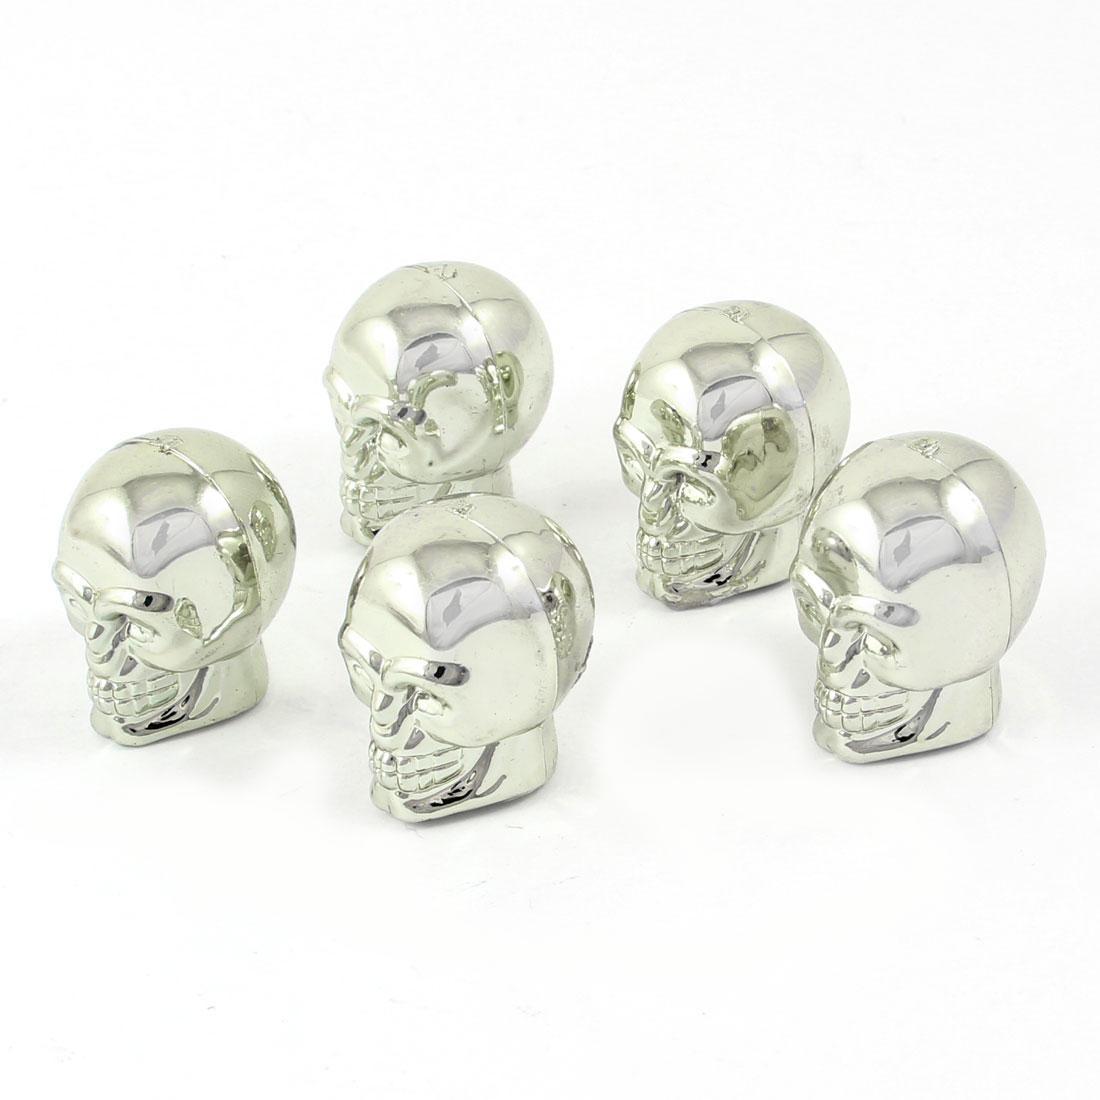 skull valve covers